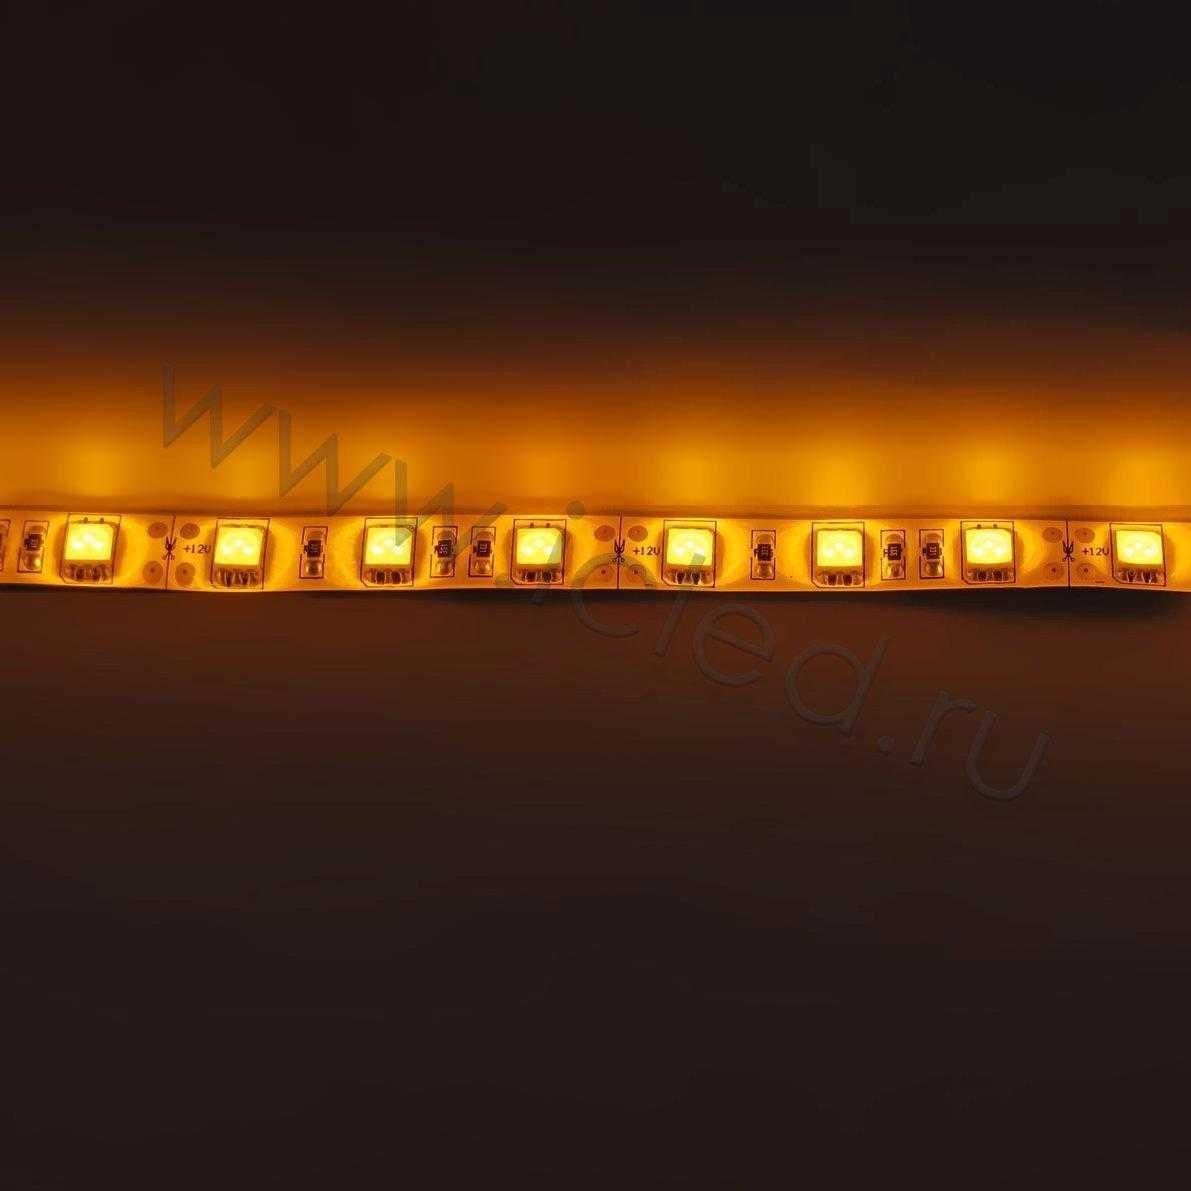 Светодиодная лента Class B, 5050, 60led/m, Yellow, 12V, IP65